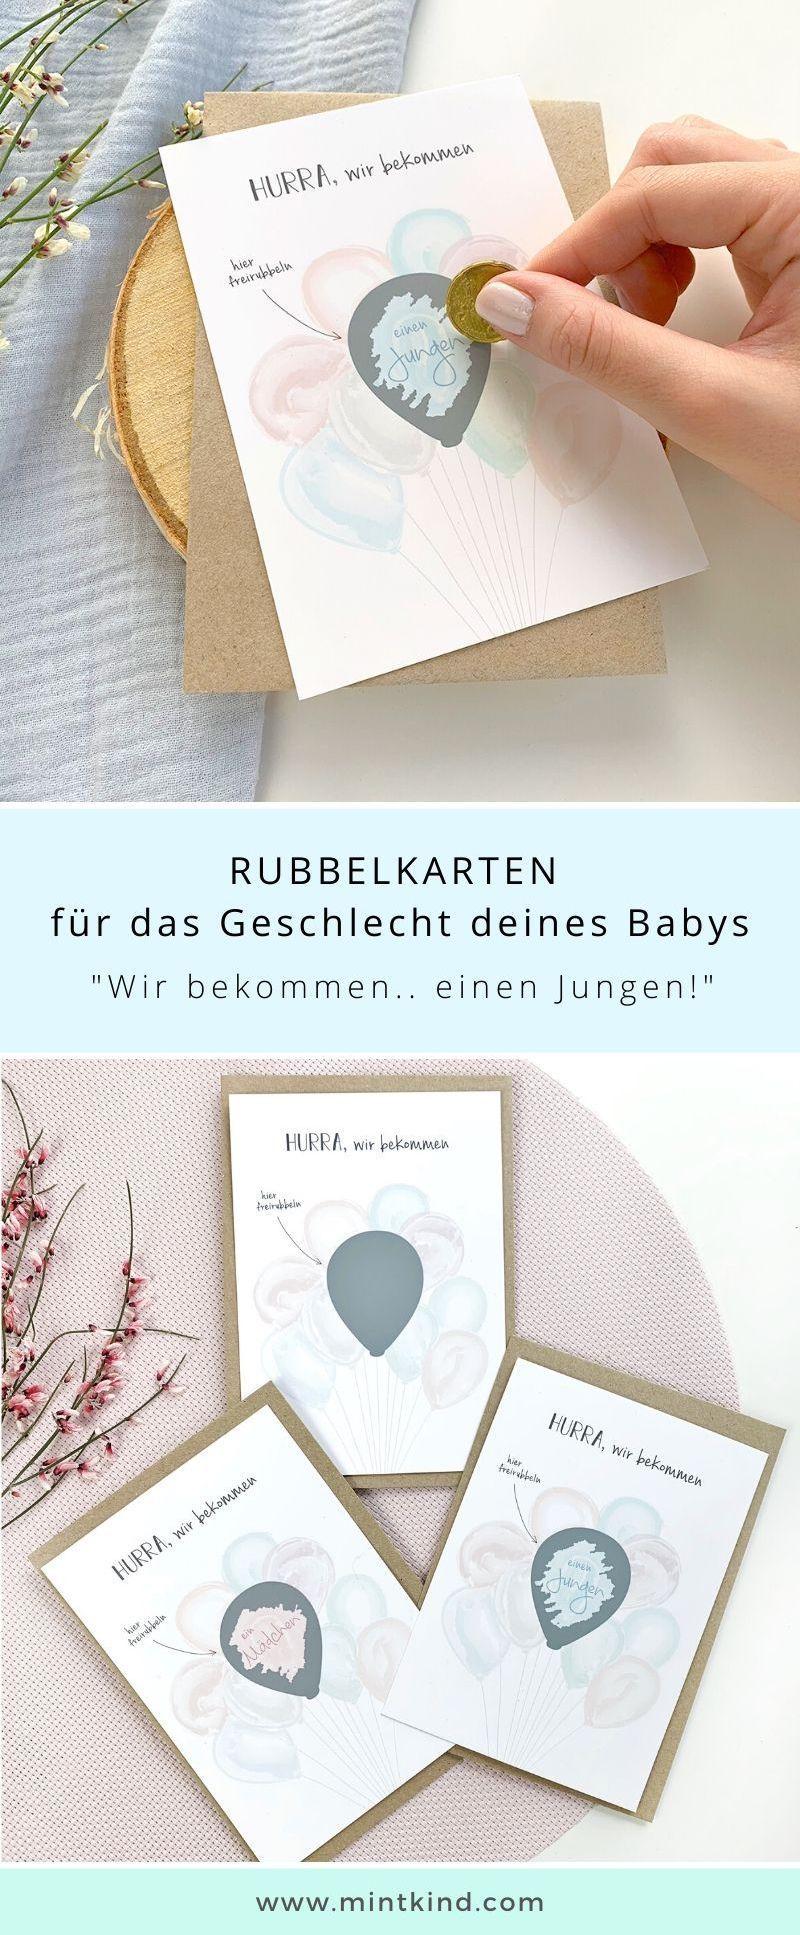 Baby Geschlecht enthüllen Baby JUNGE Geschlecht Rubbelkarte Schwangerschaft